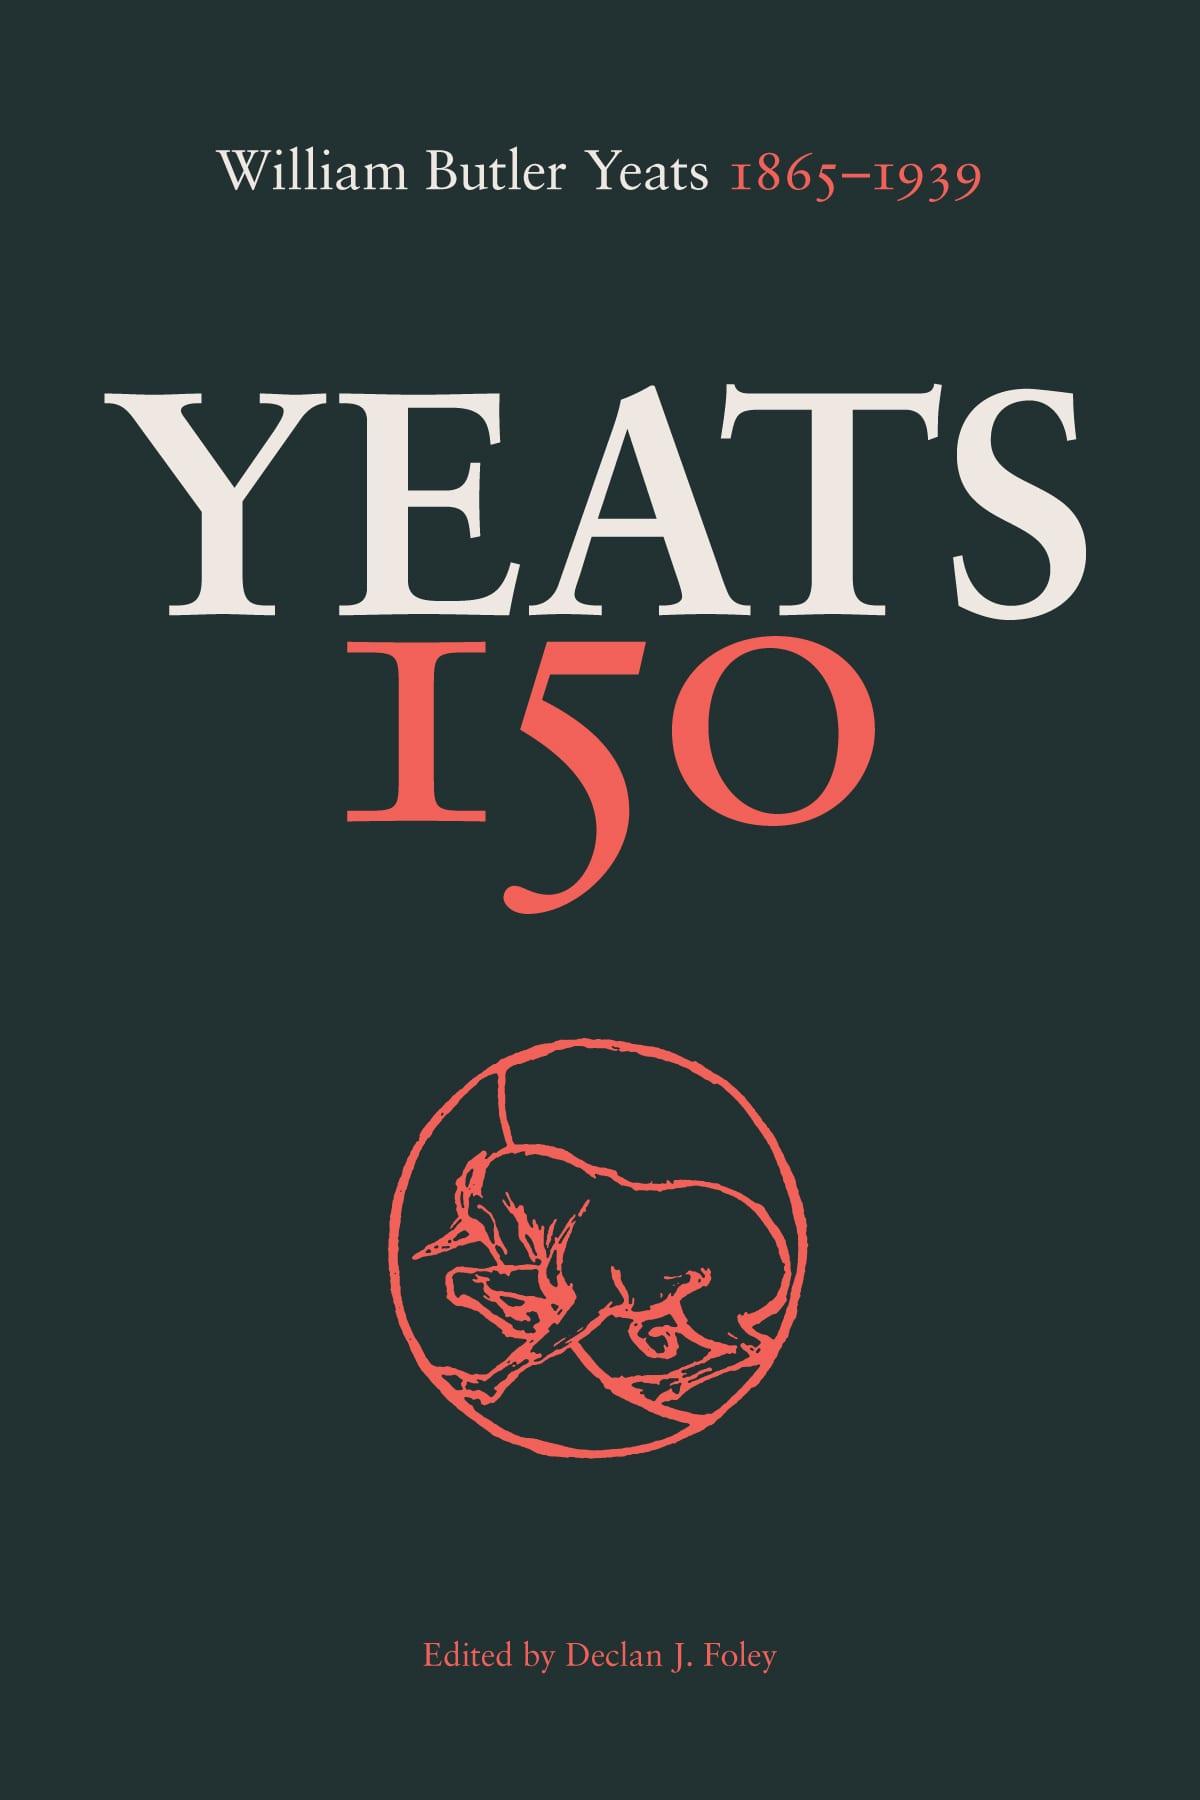 yeats 150 the lilliput press